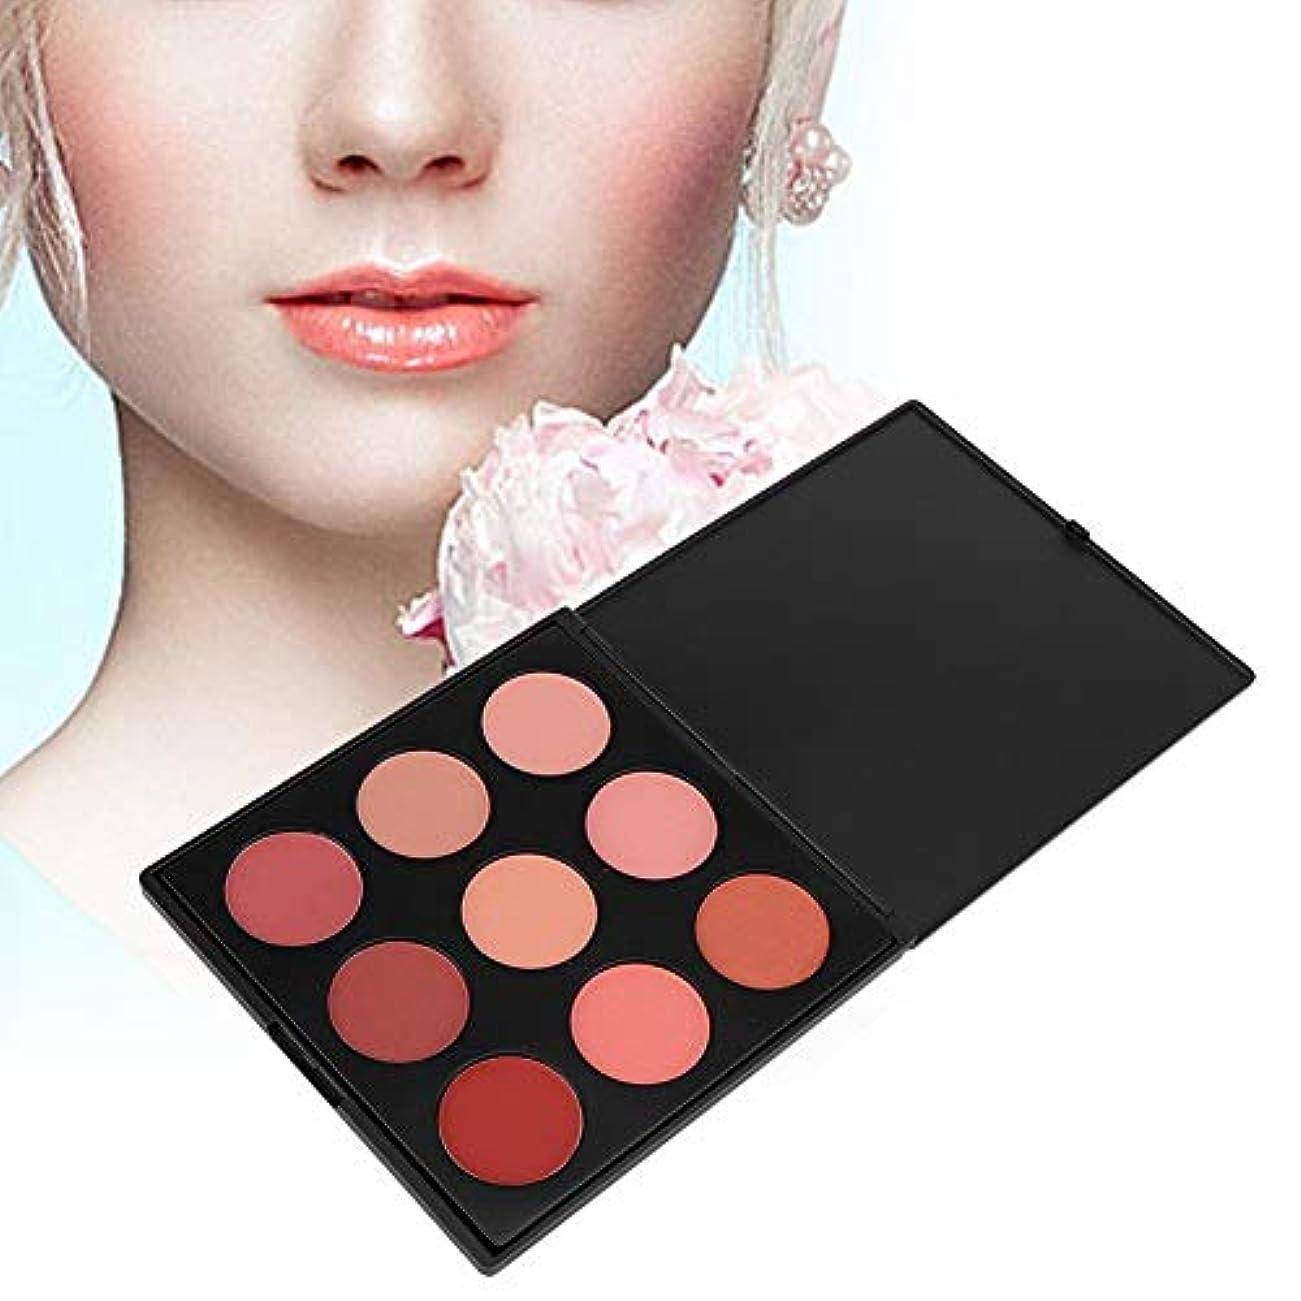 一元化する勝つスナッチ9色 フェイスメイクアップ ブラッシャーフェイス 輪郭整形 パワーロングラスティング 化粧品(9N)